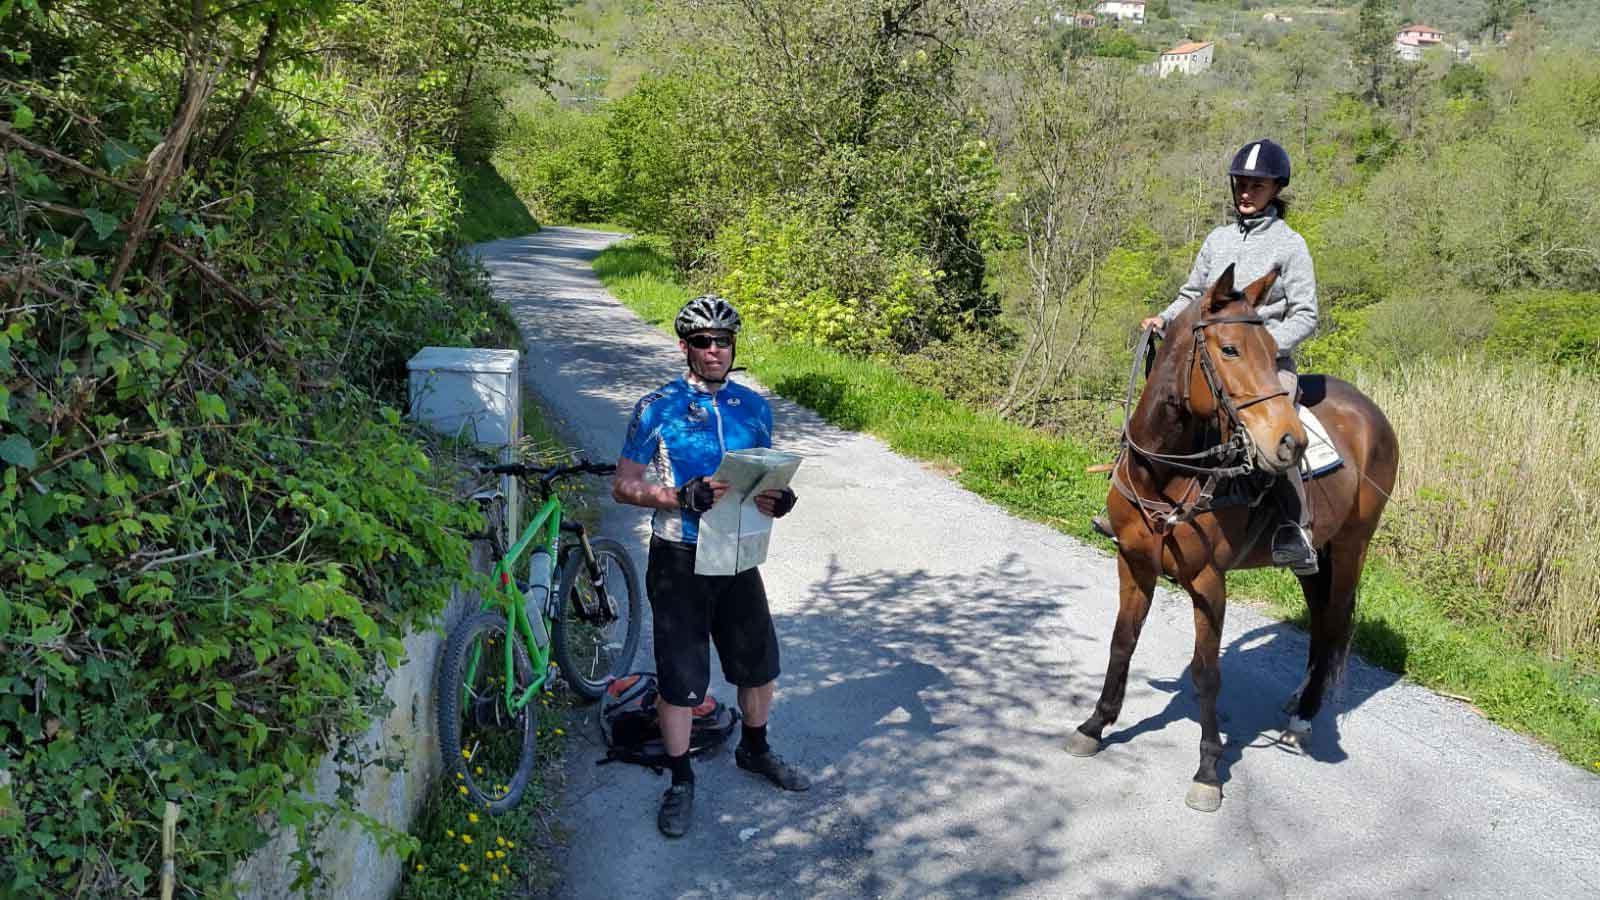 Sport-outdoor-equitazione-finale-ligure-passeggiate-cavallo-liguria-Residenza-Adelaide-006